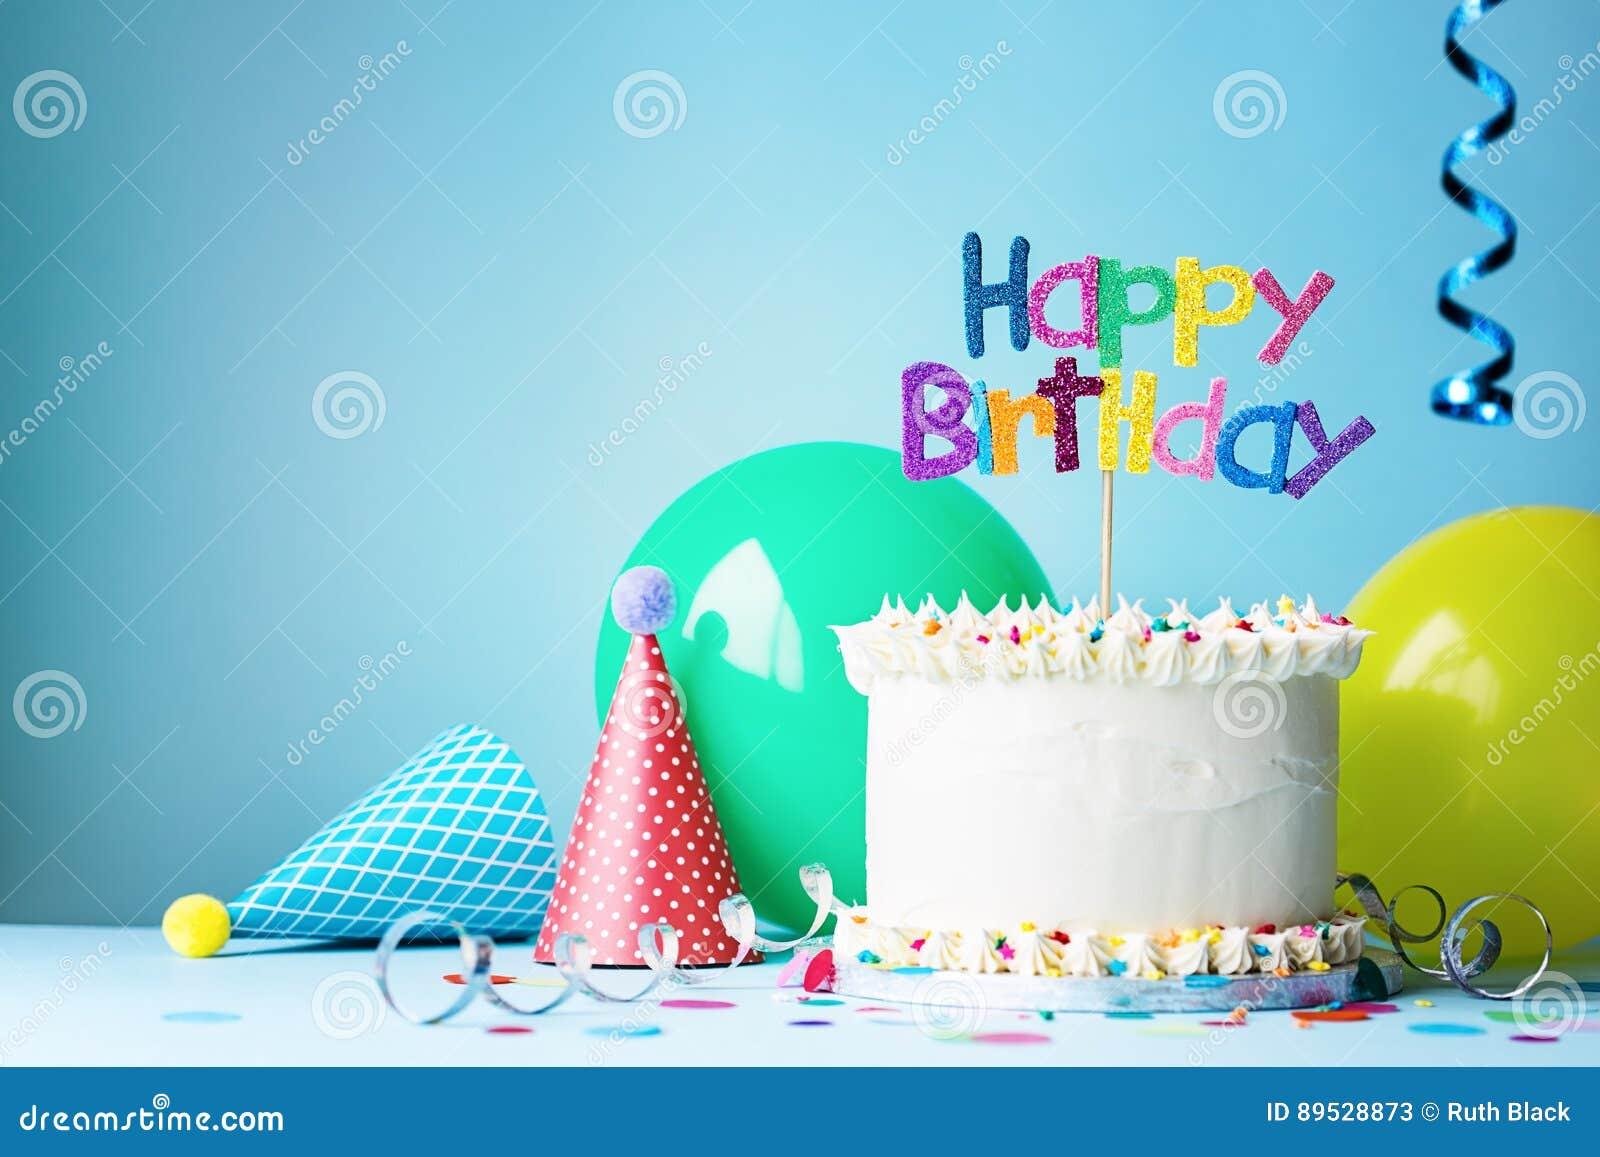 Fiesta y torta de cumpleaños